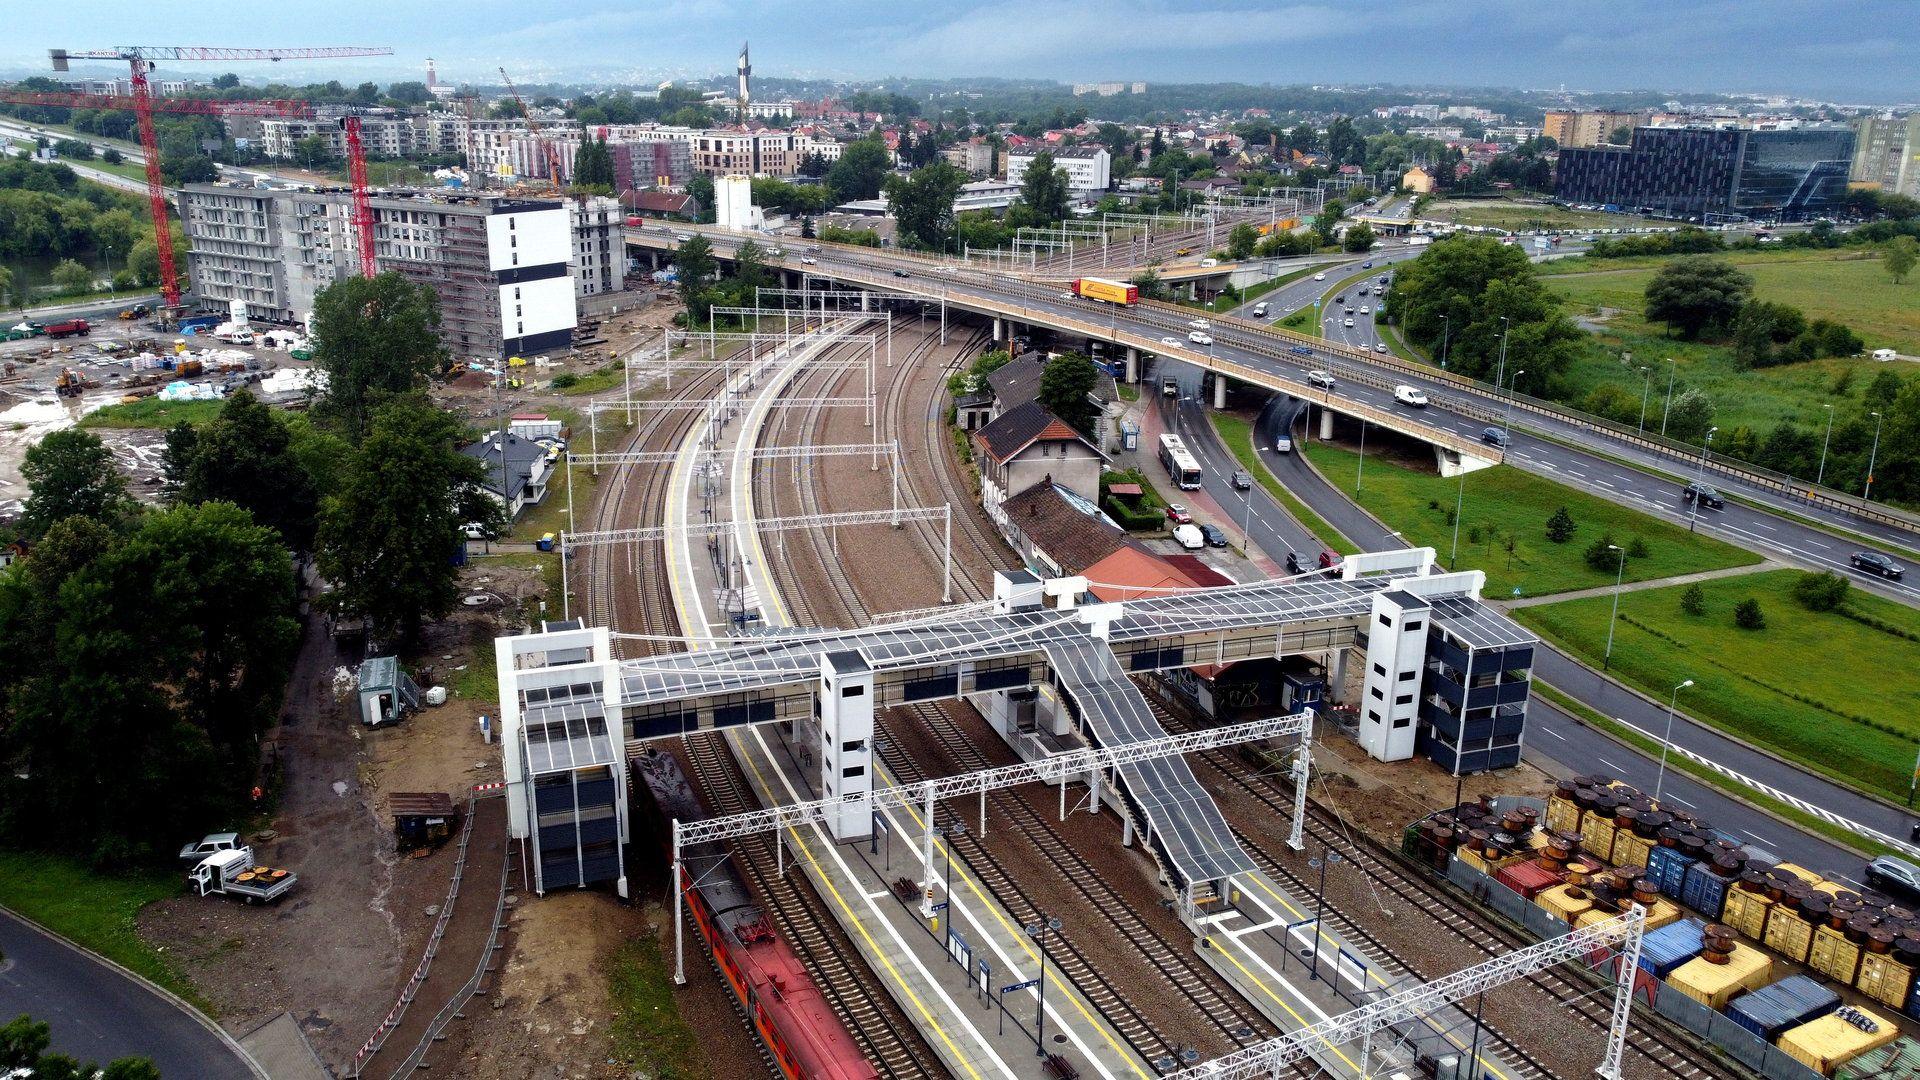 Odnowiona stacja kolejowa Kraków Bonarka obsługuje już podróżnych